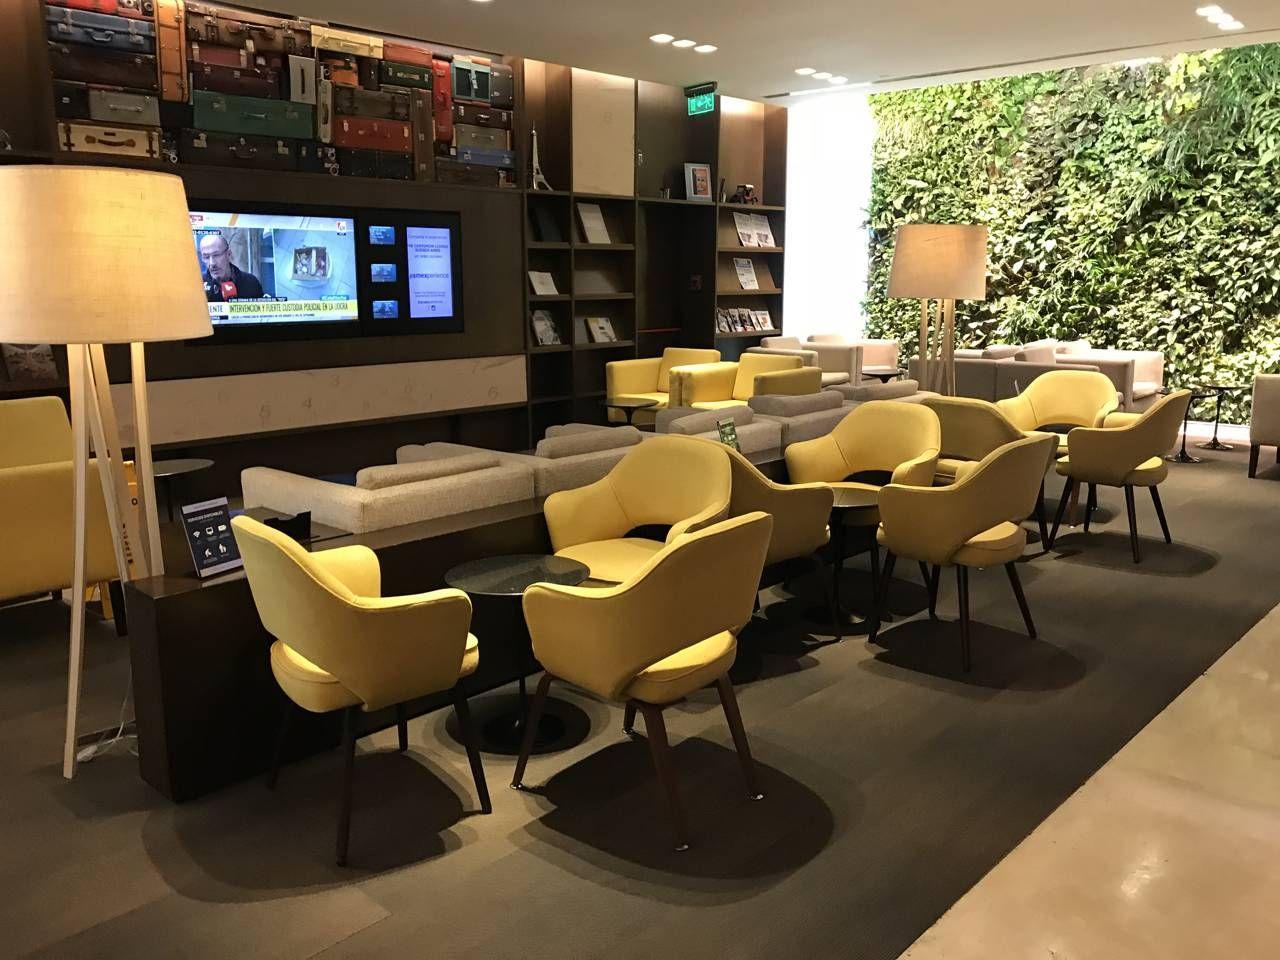 Sala VIP The Centurion by American Express – Aeroporto de Buenos Aires (EZE)